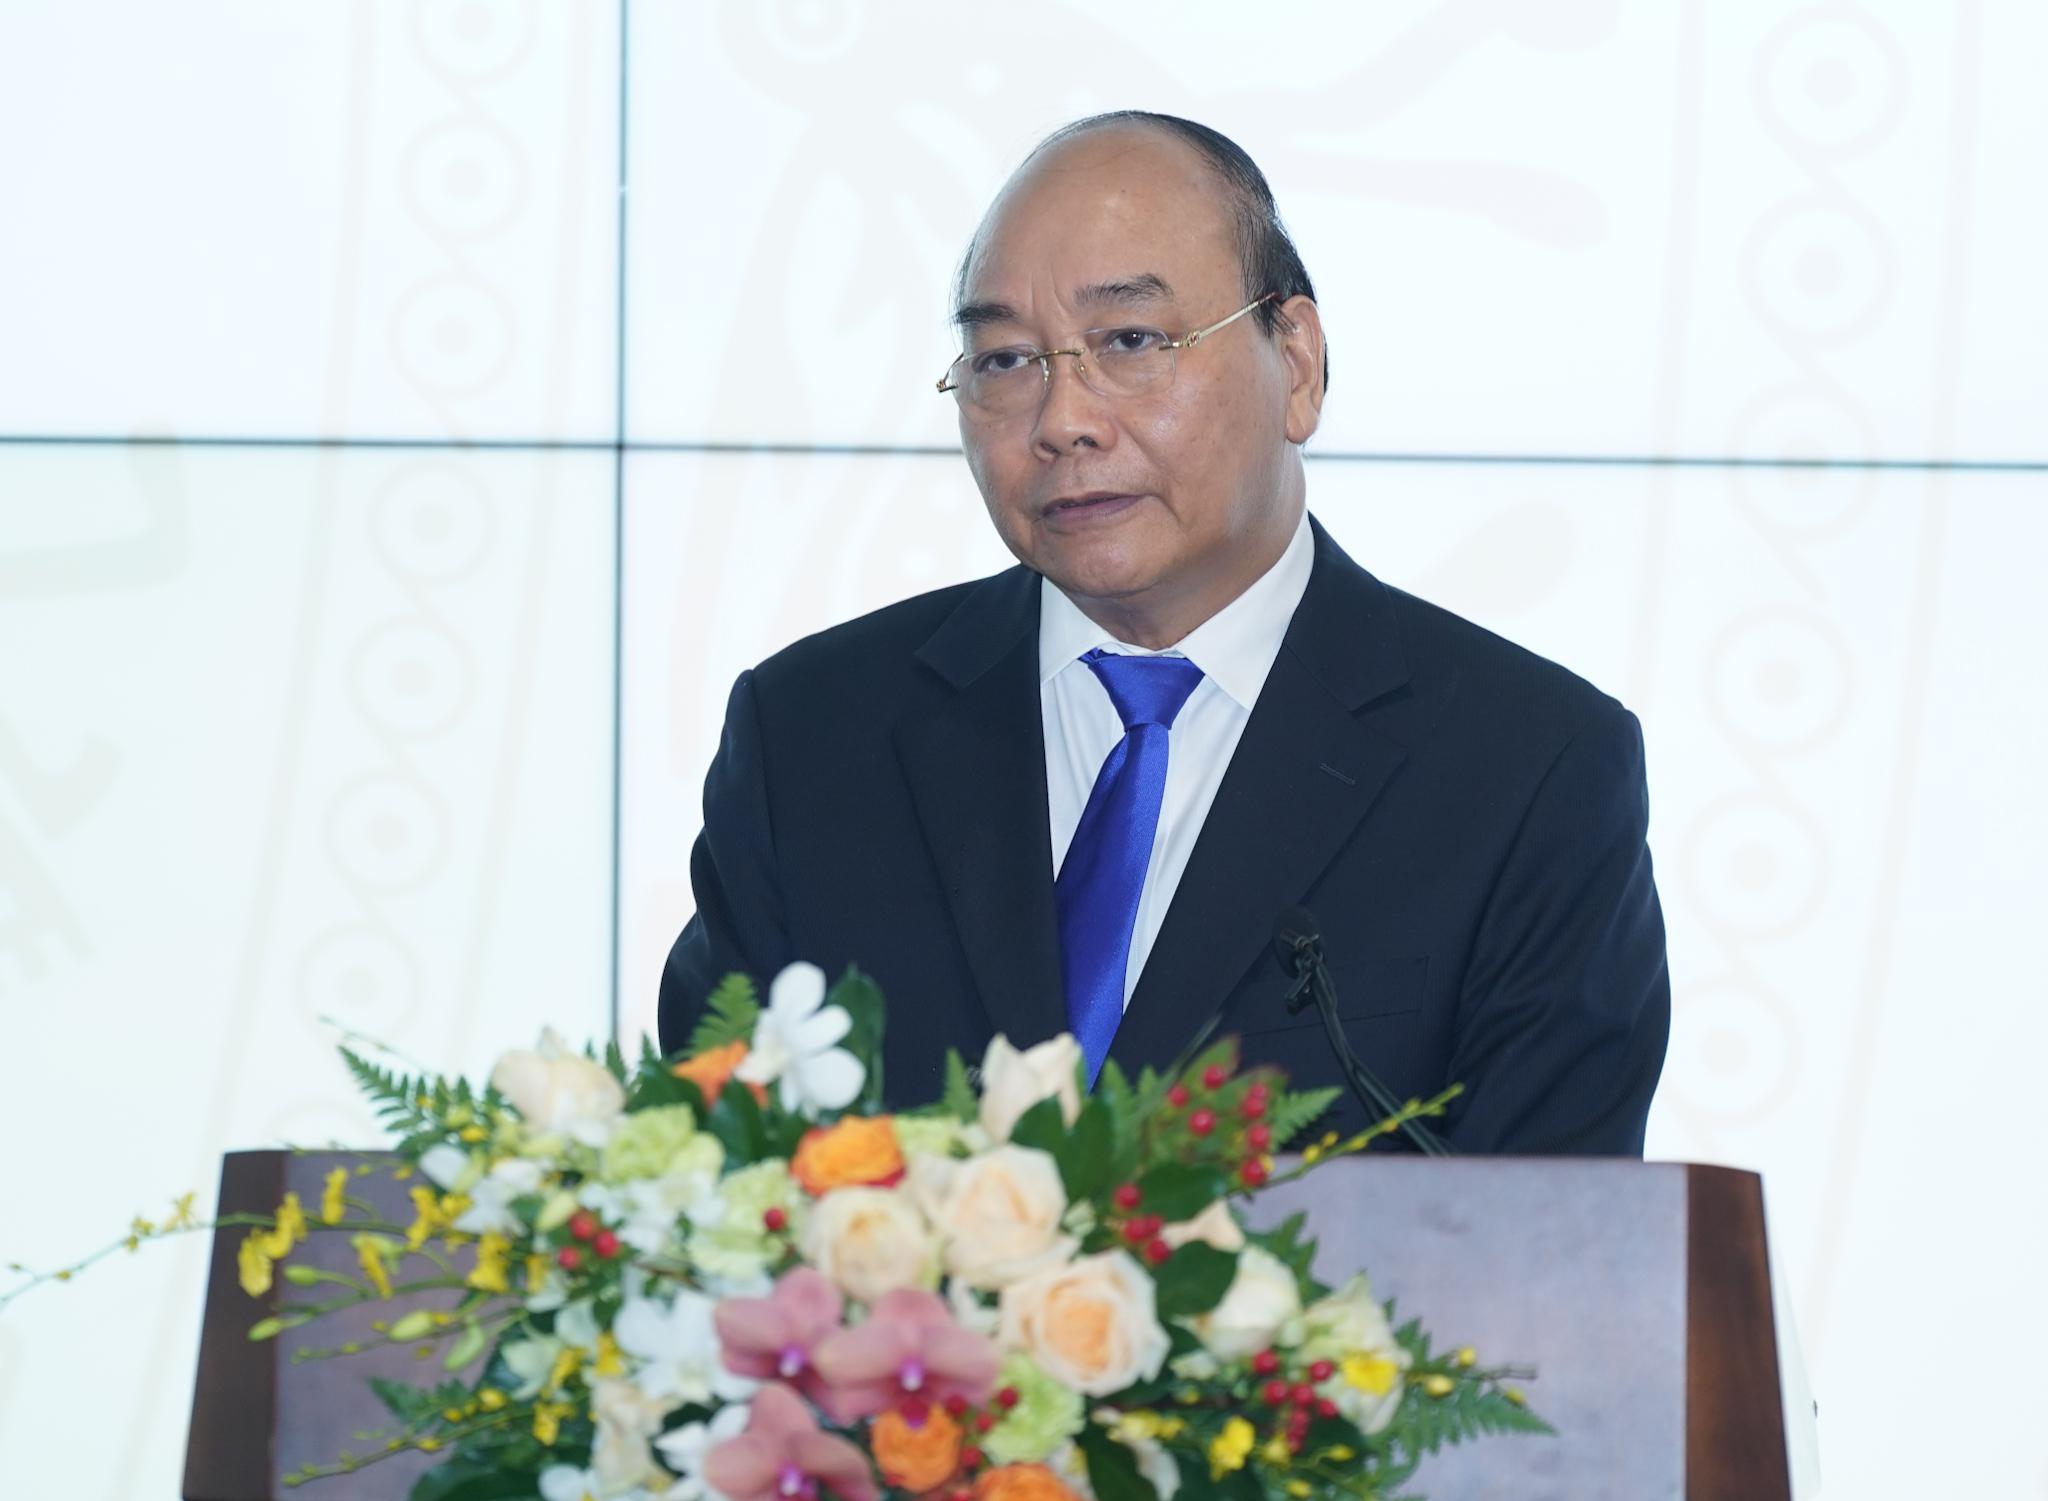 Thủ tướng Nguyễn Xuân Phúc phát biểu tại lễ khai trương - Ảnh: VGP/Quang Hiếu